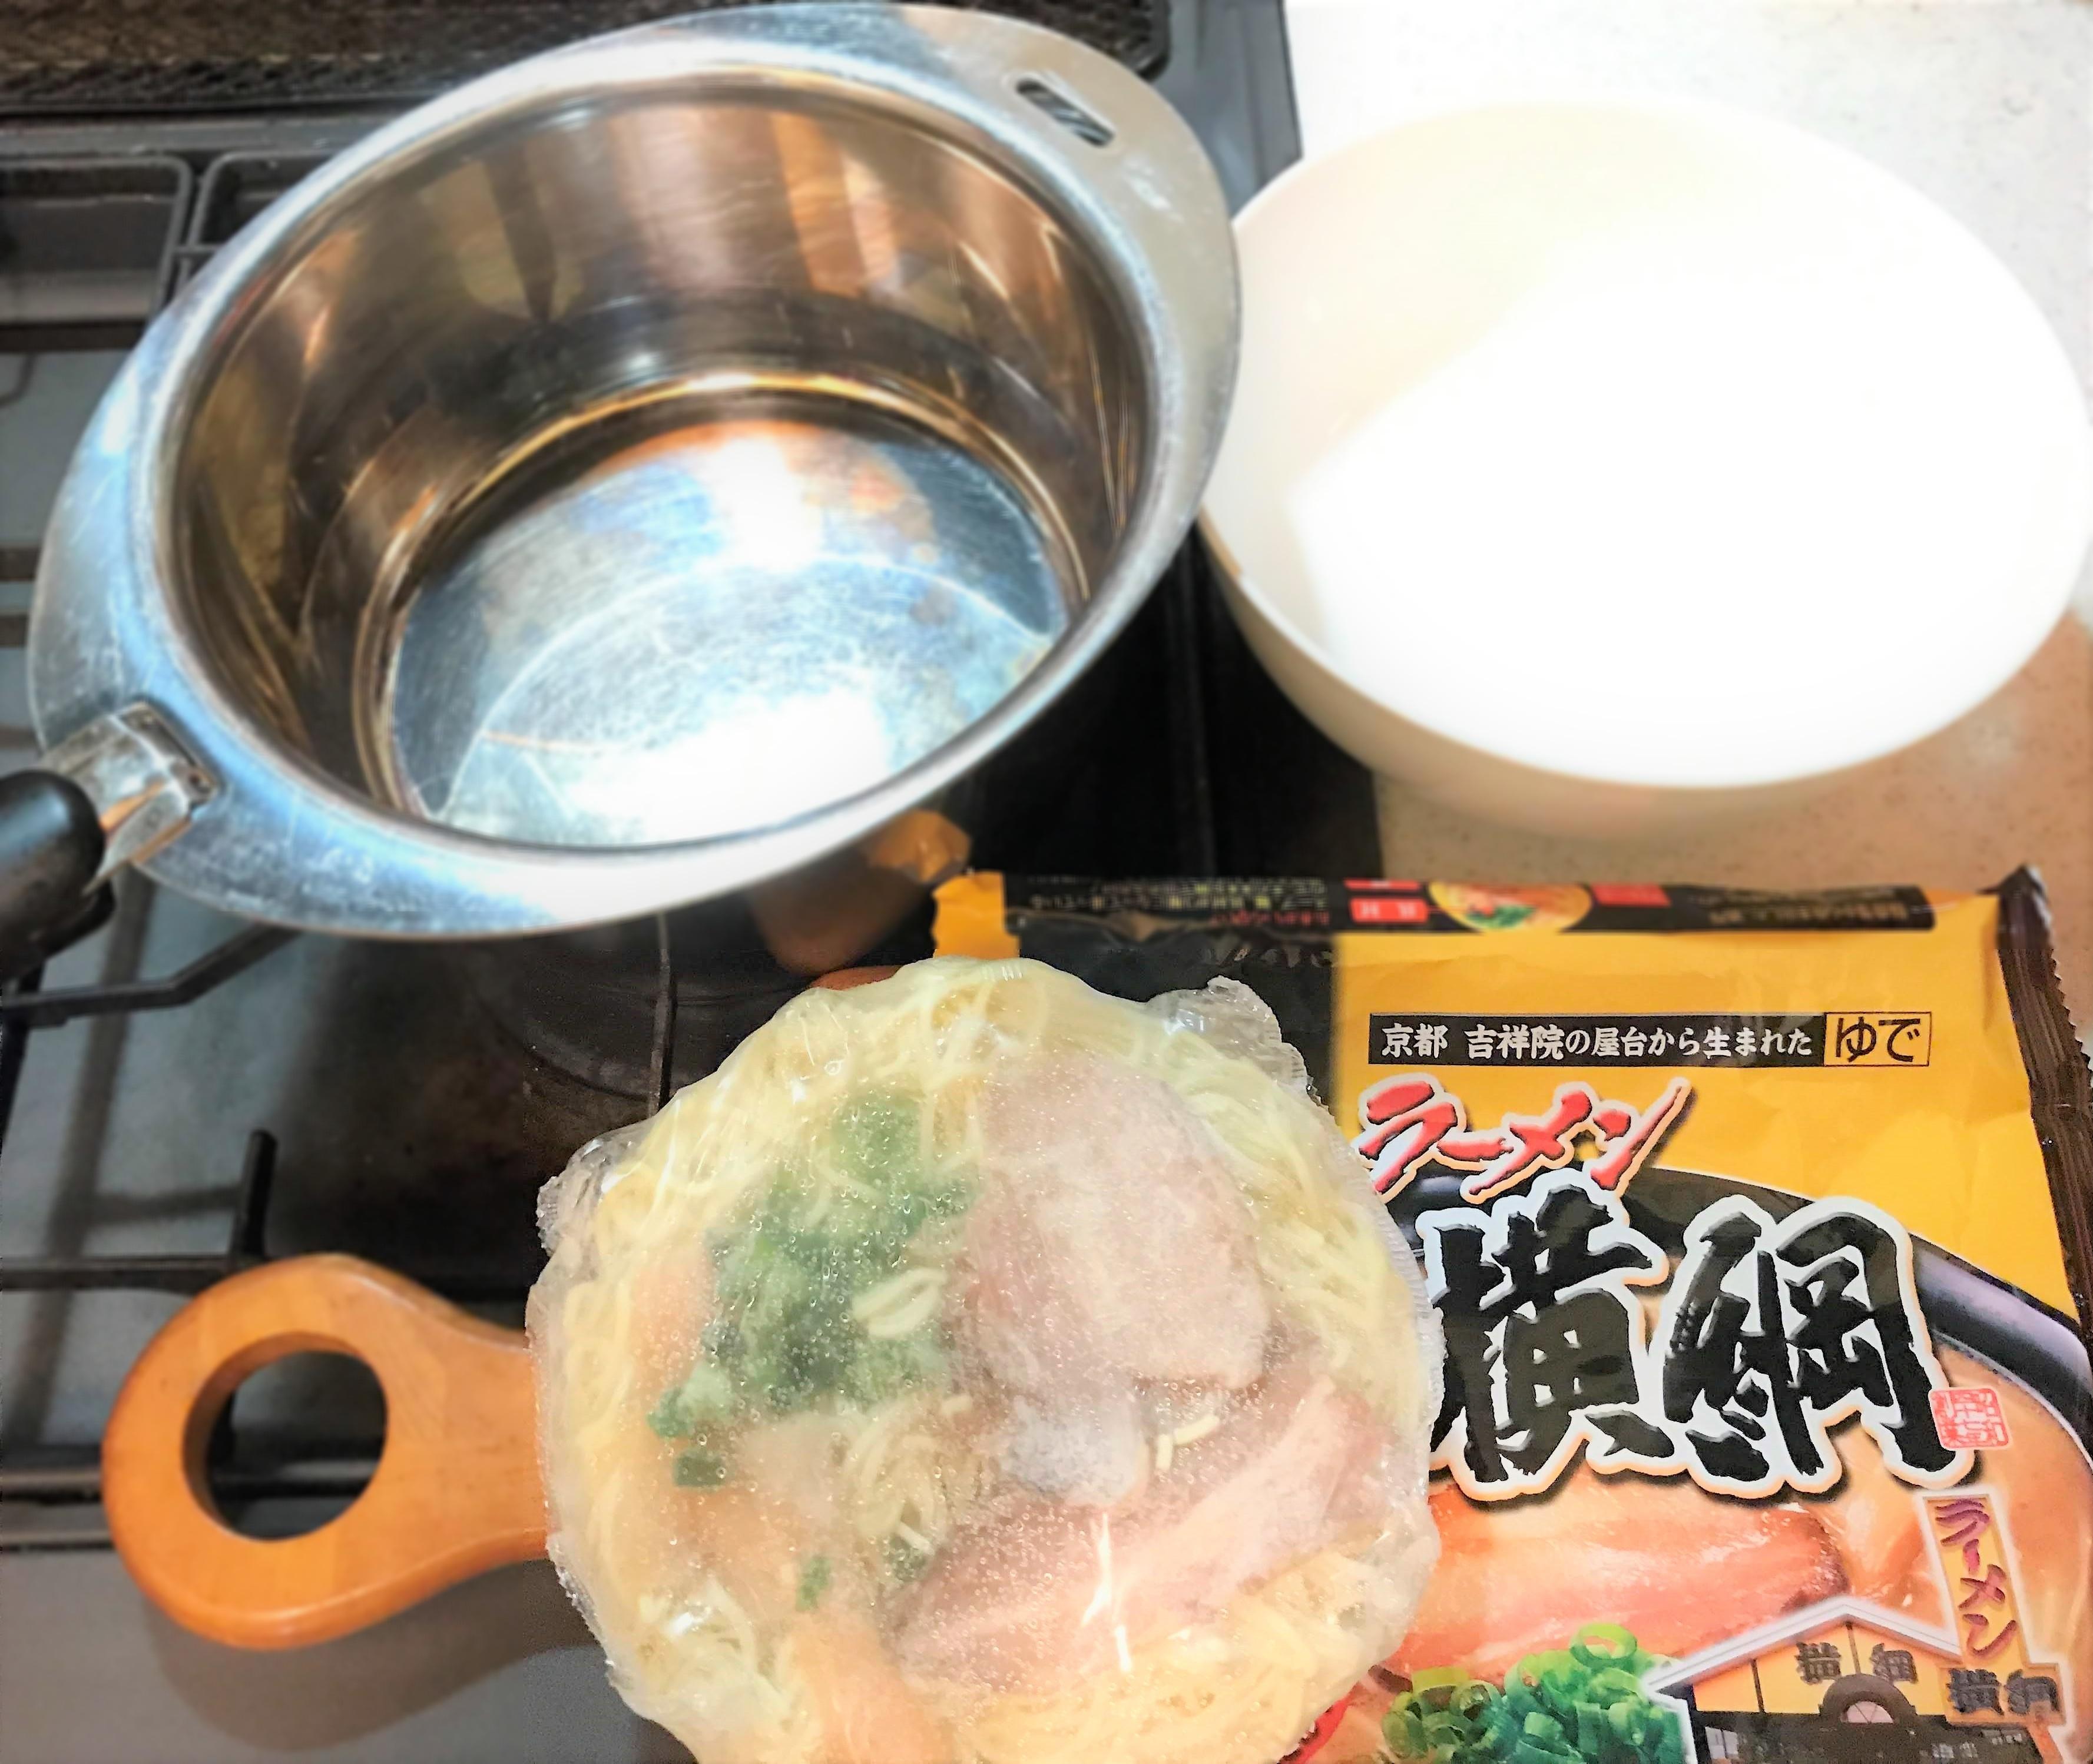 用意するのは直径15cmぐらいのお鍋とどんぶりだけ!